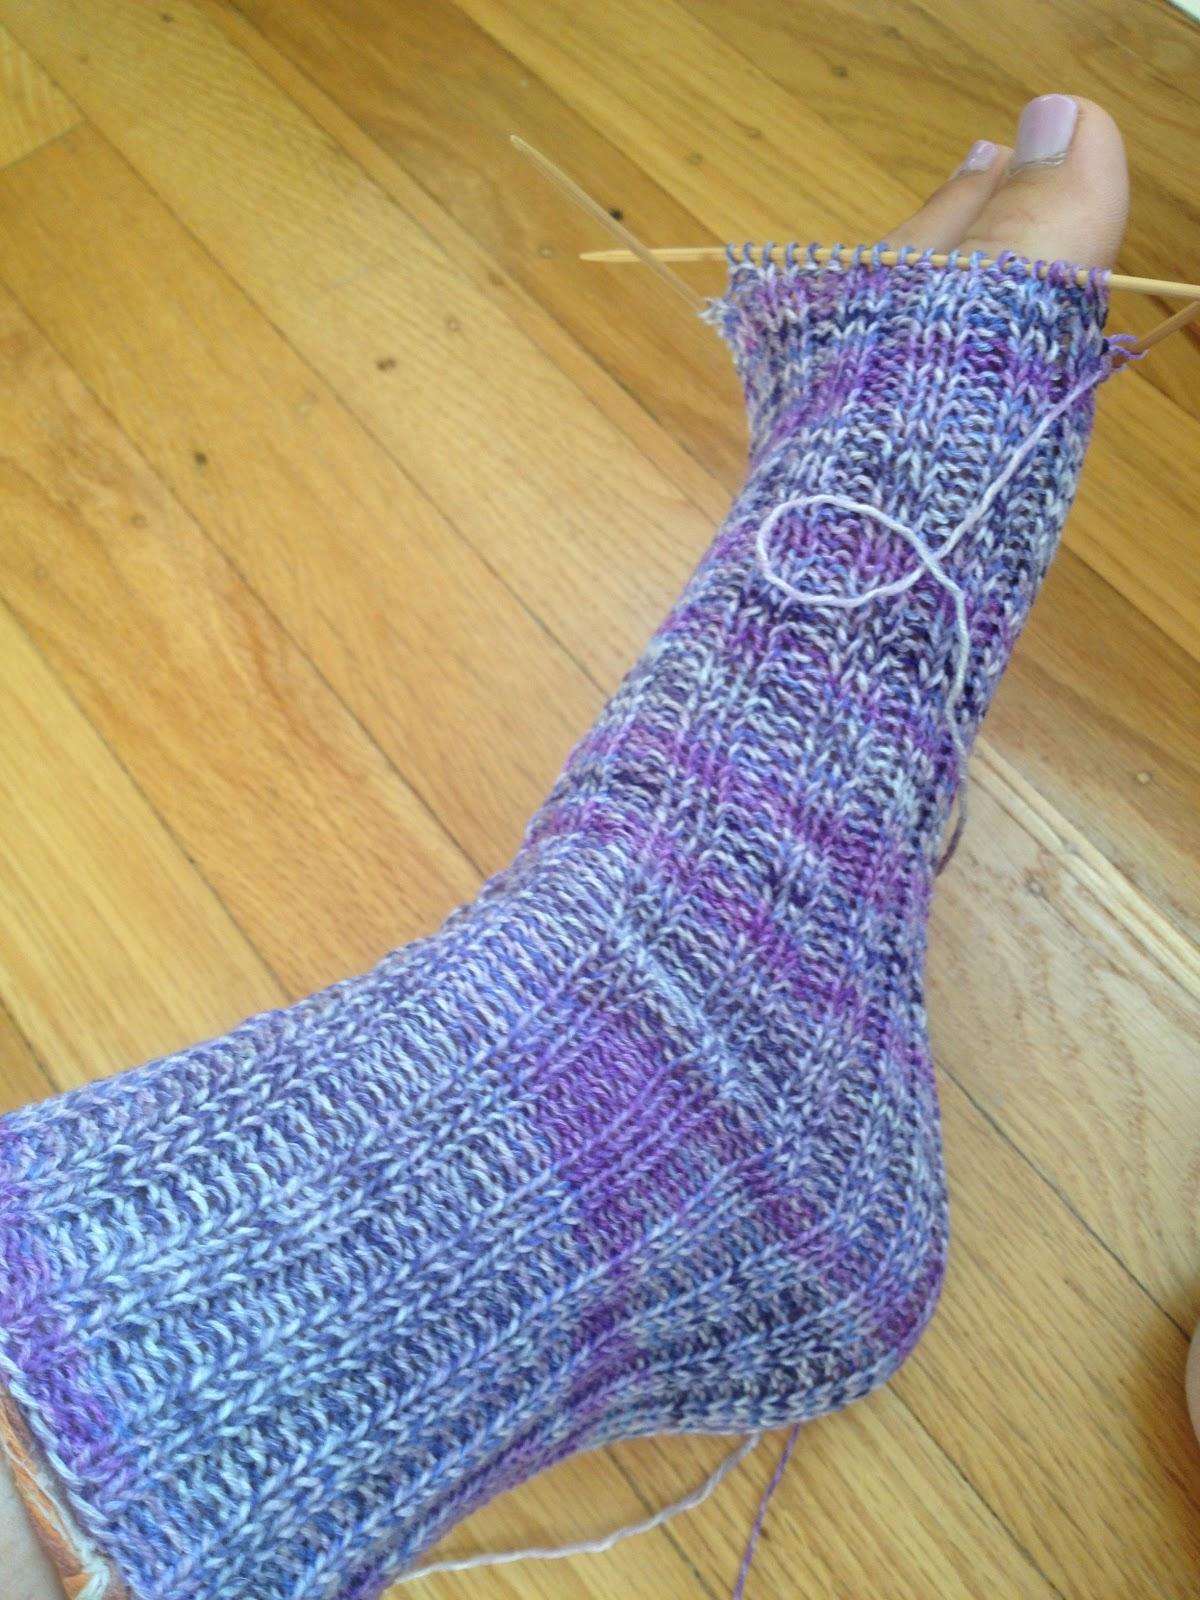 Knitting Pattern For Tube Socks : Kimberly Clark Designs: October 2012